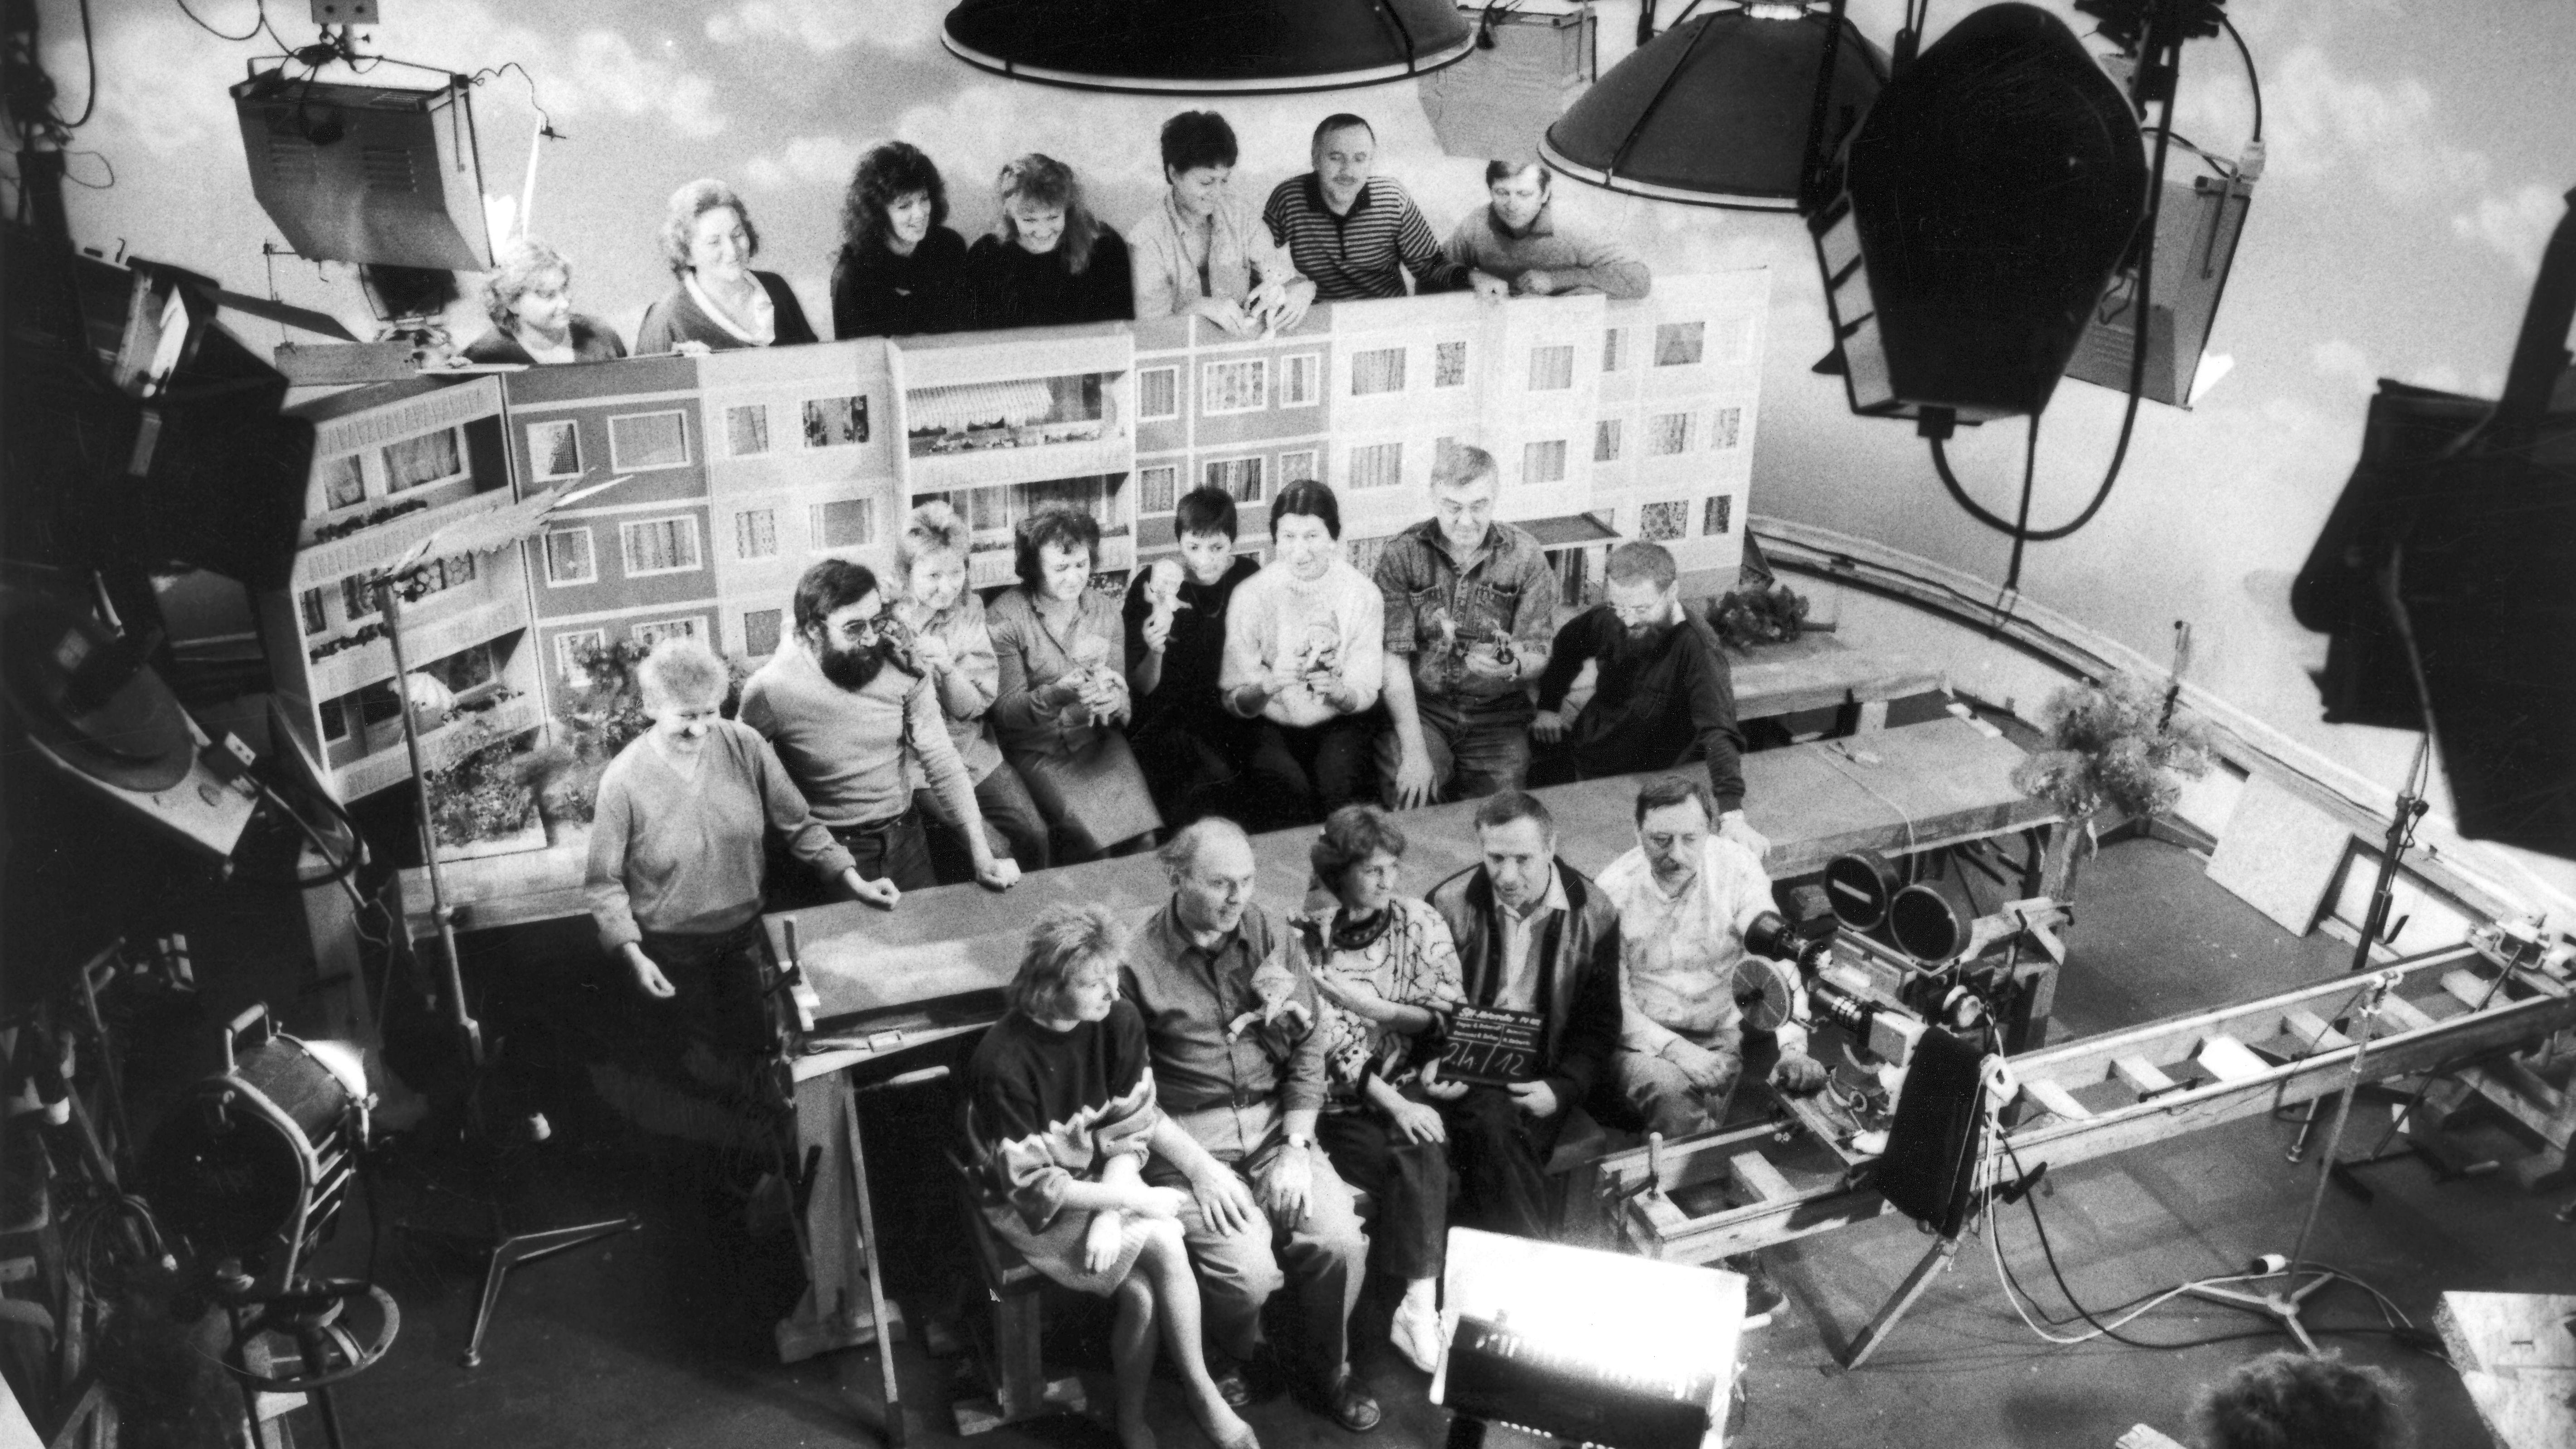 Sandmännchens Geburtstagsfeier am 8.11.1989